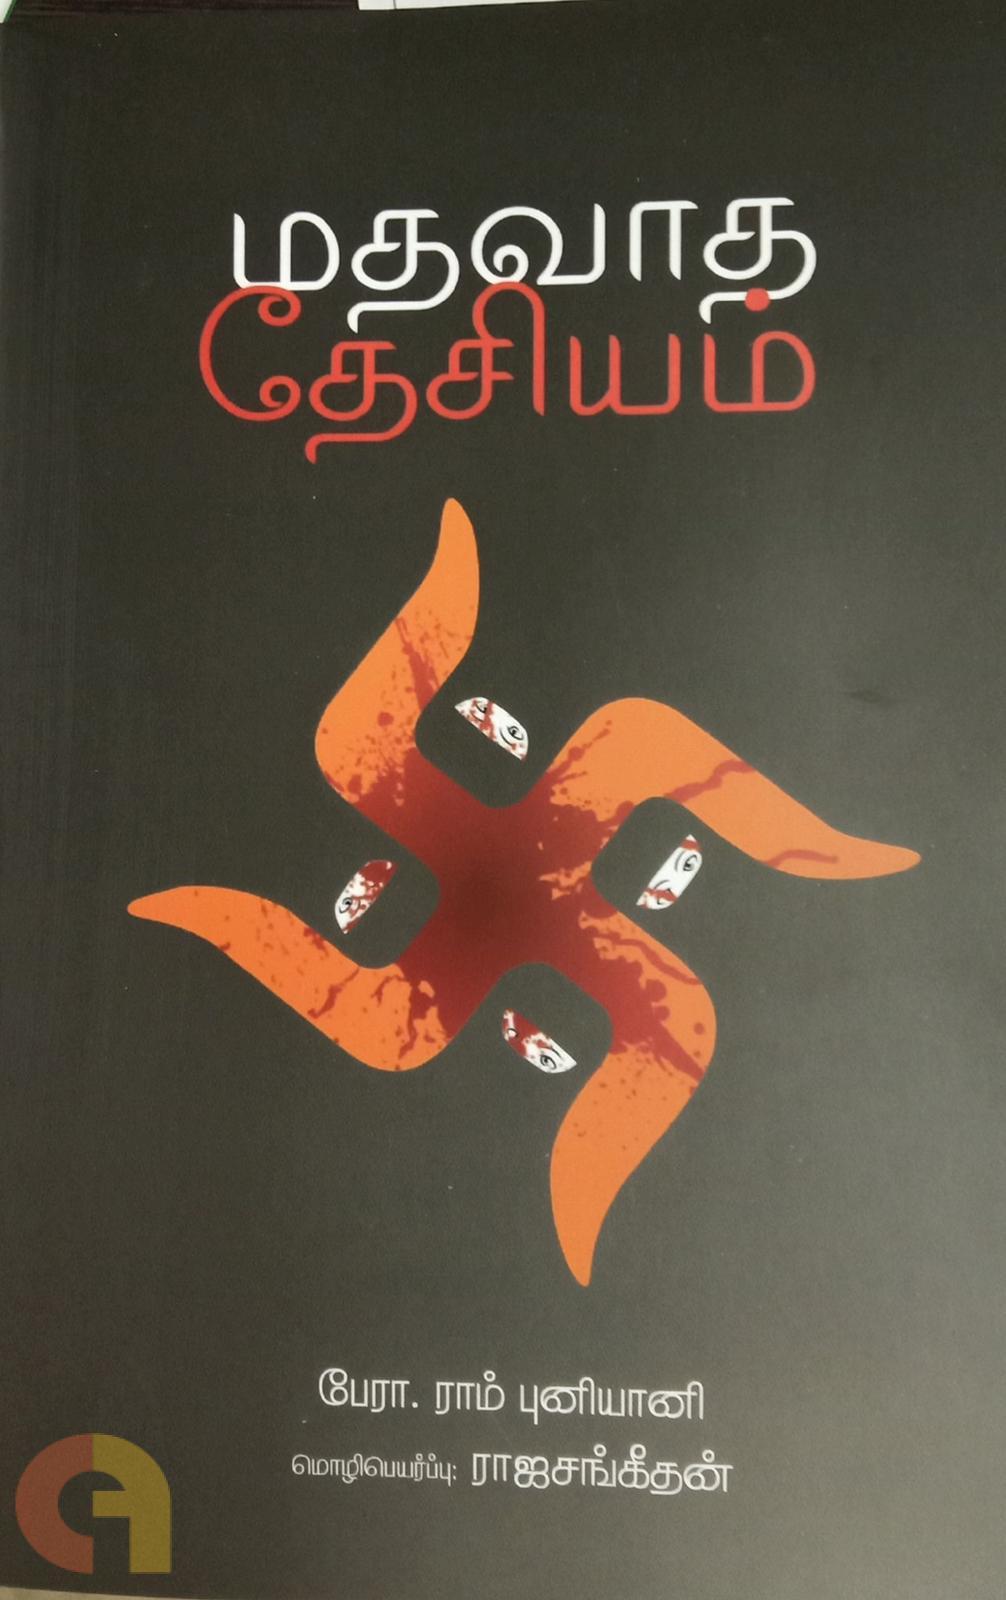 மதவாத தேசியம்